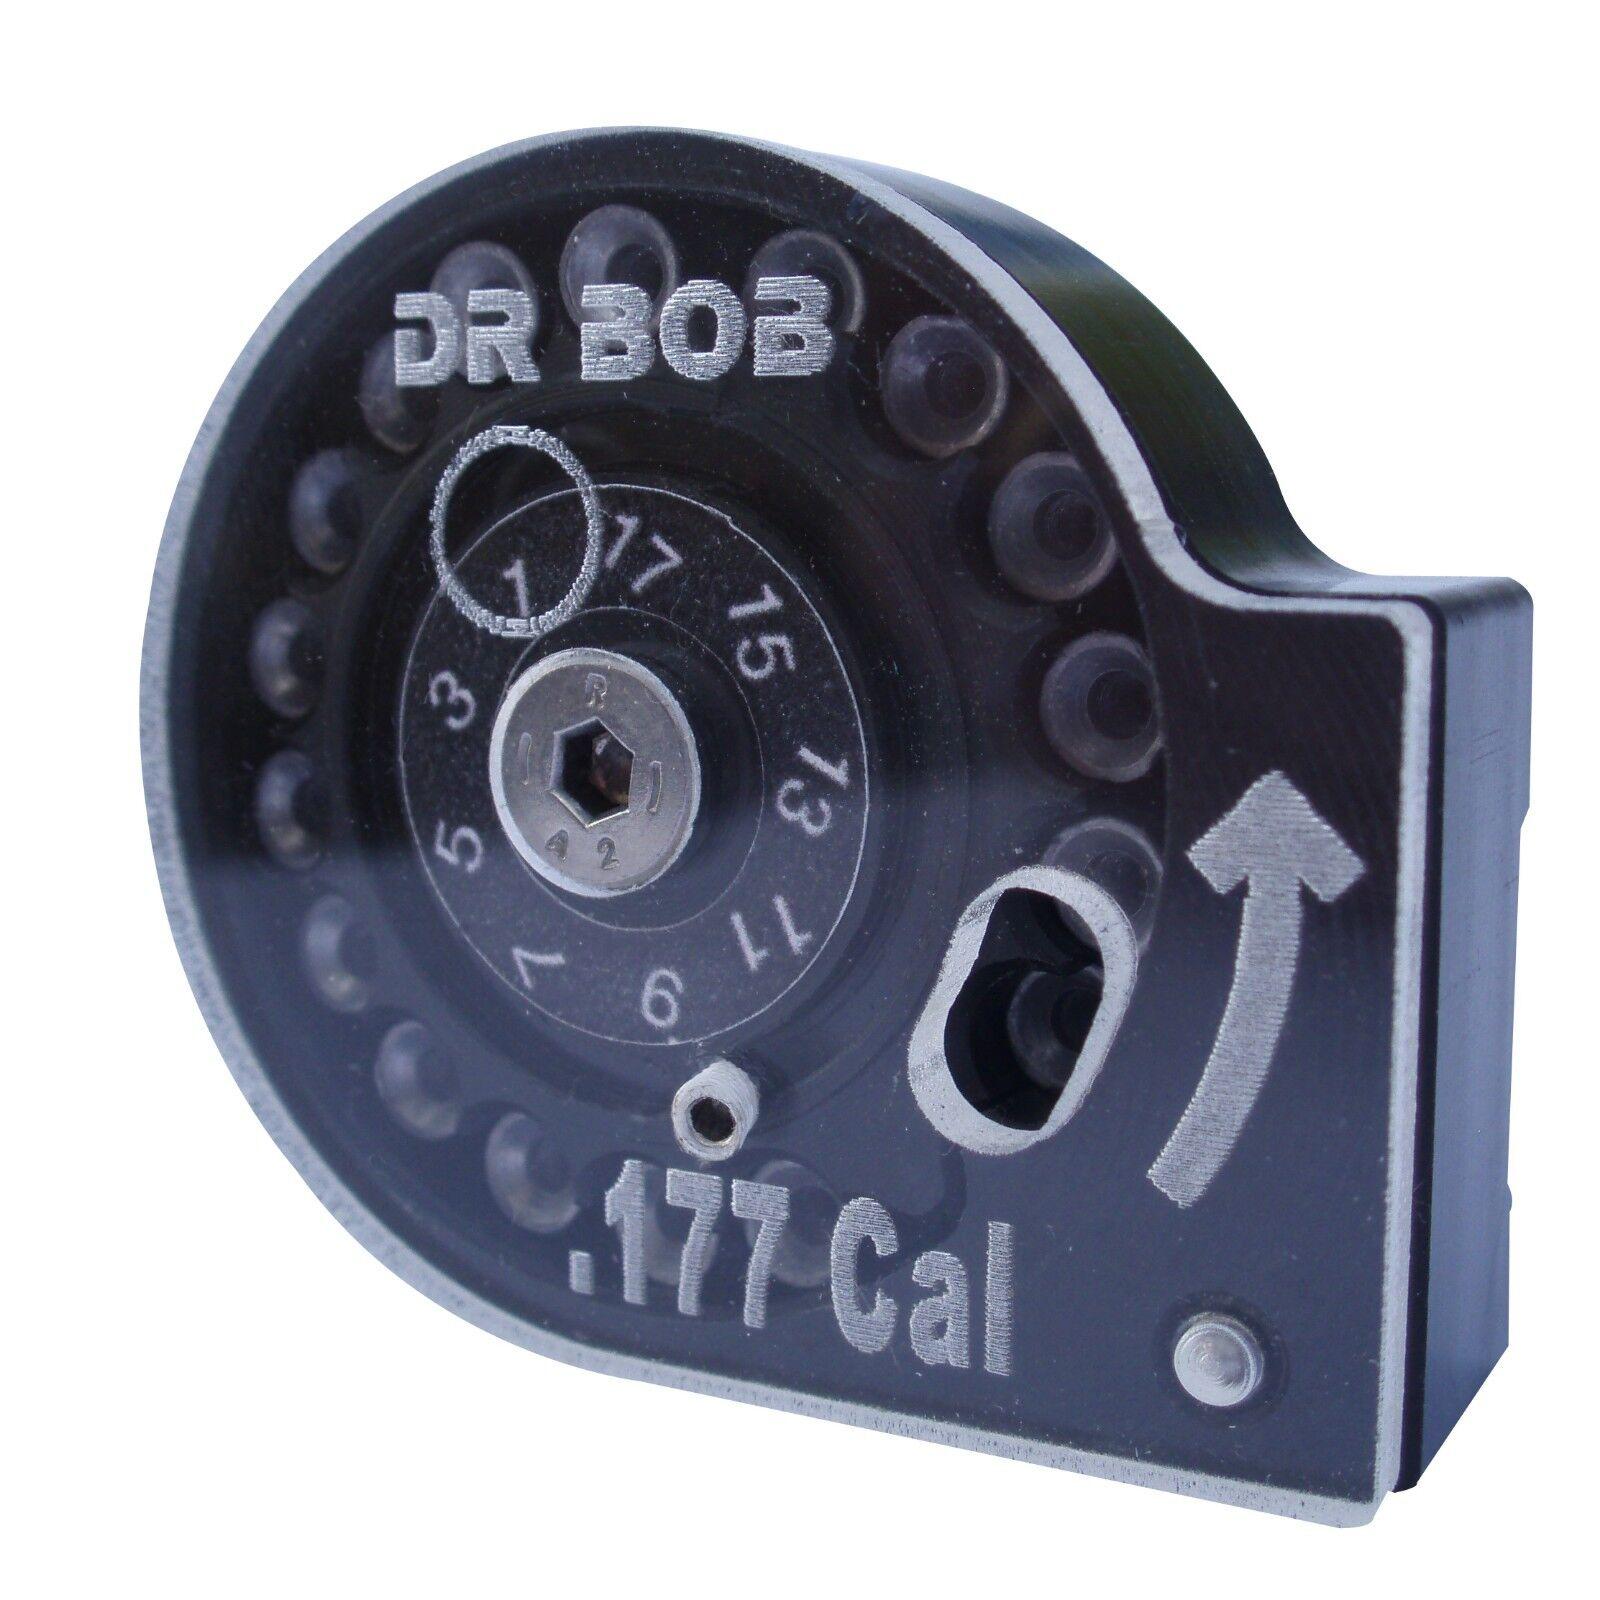 Thebattle Rapid kompatible AIR NUR Magazine alle Kaliber 12 und 17 Shot.